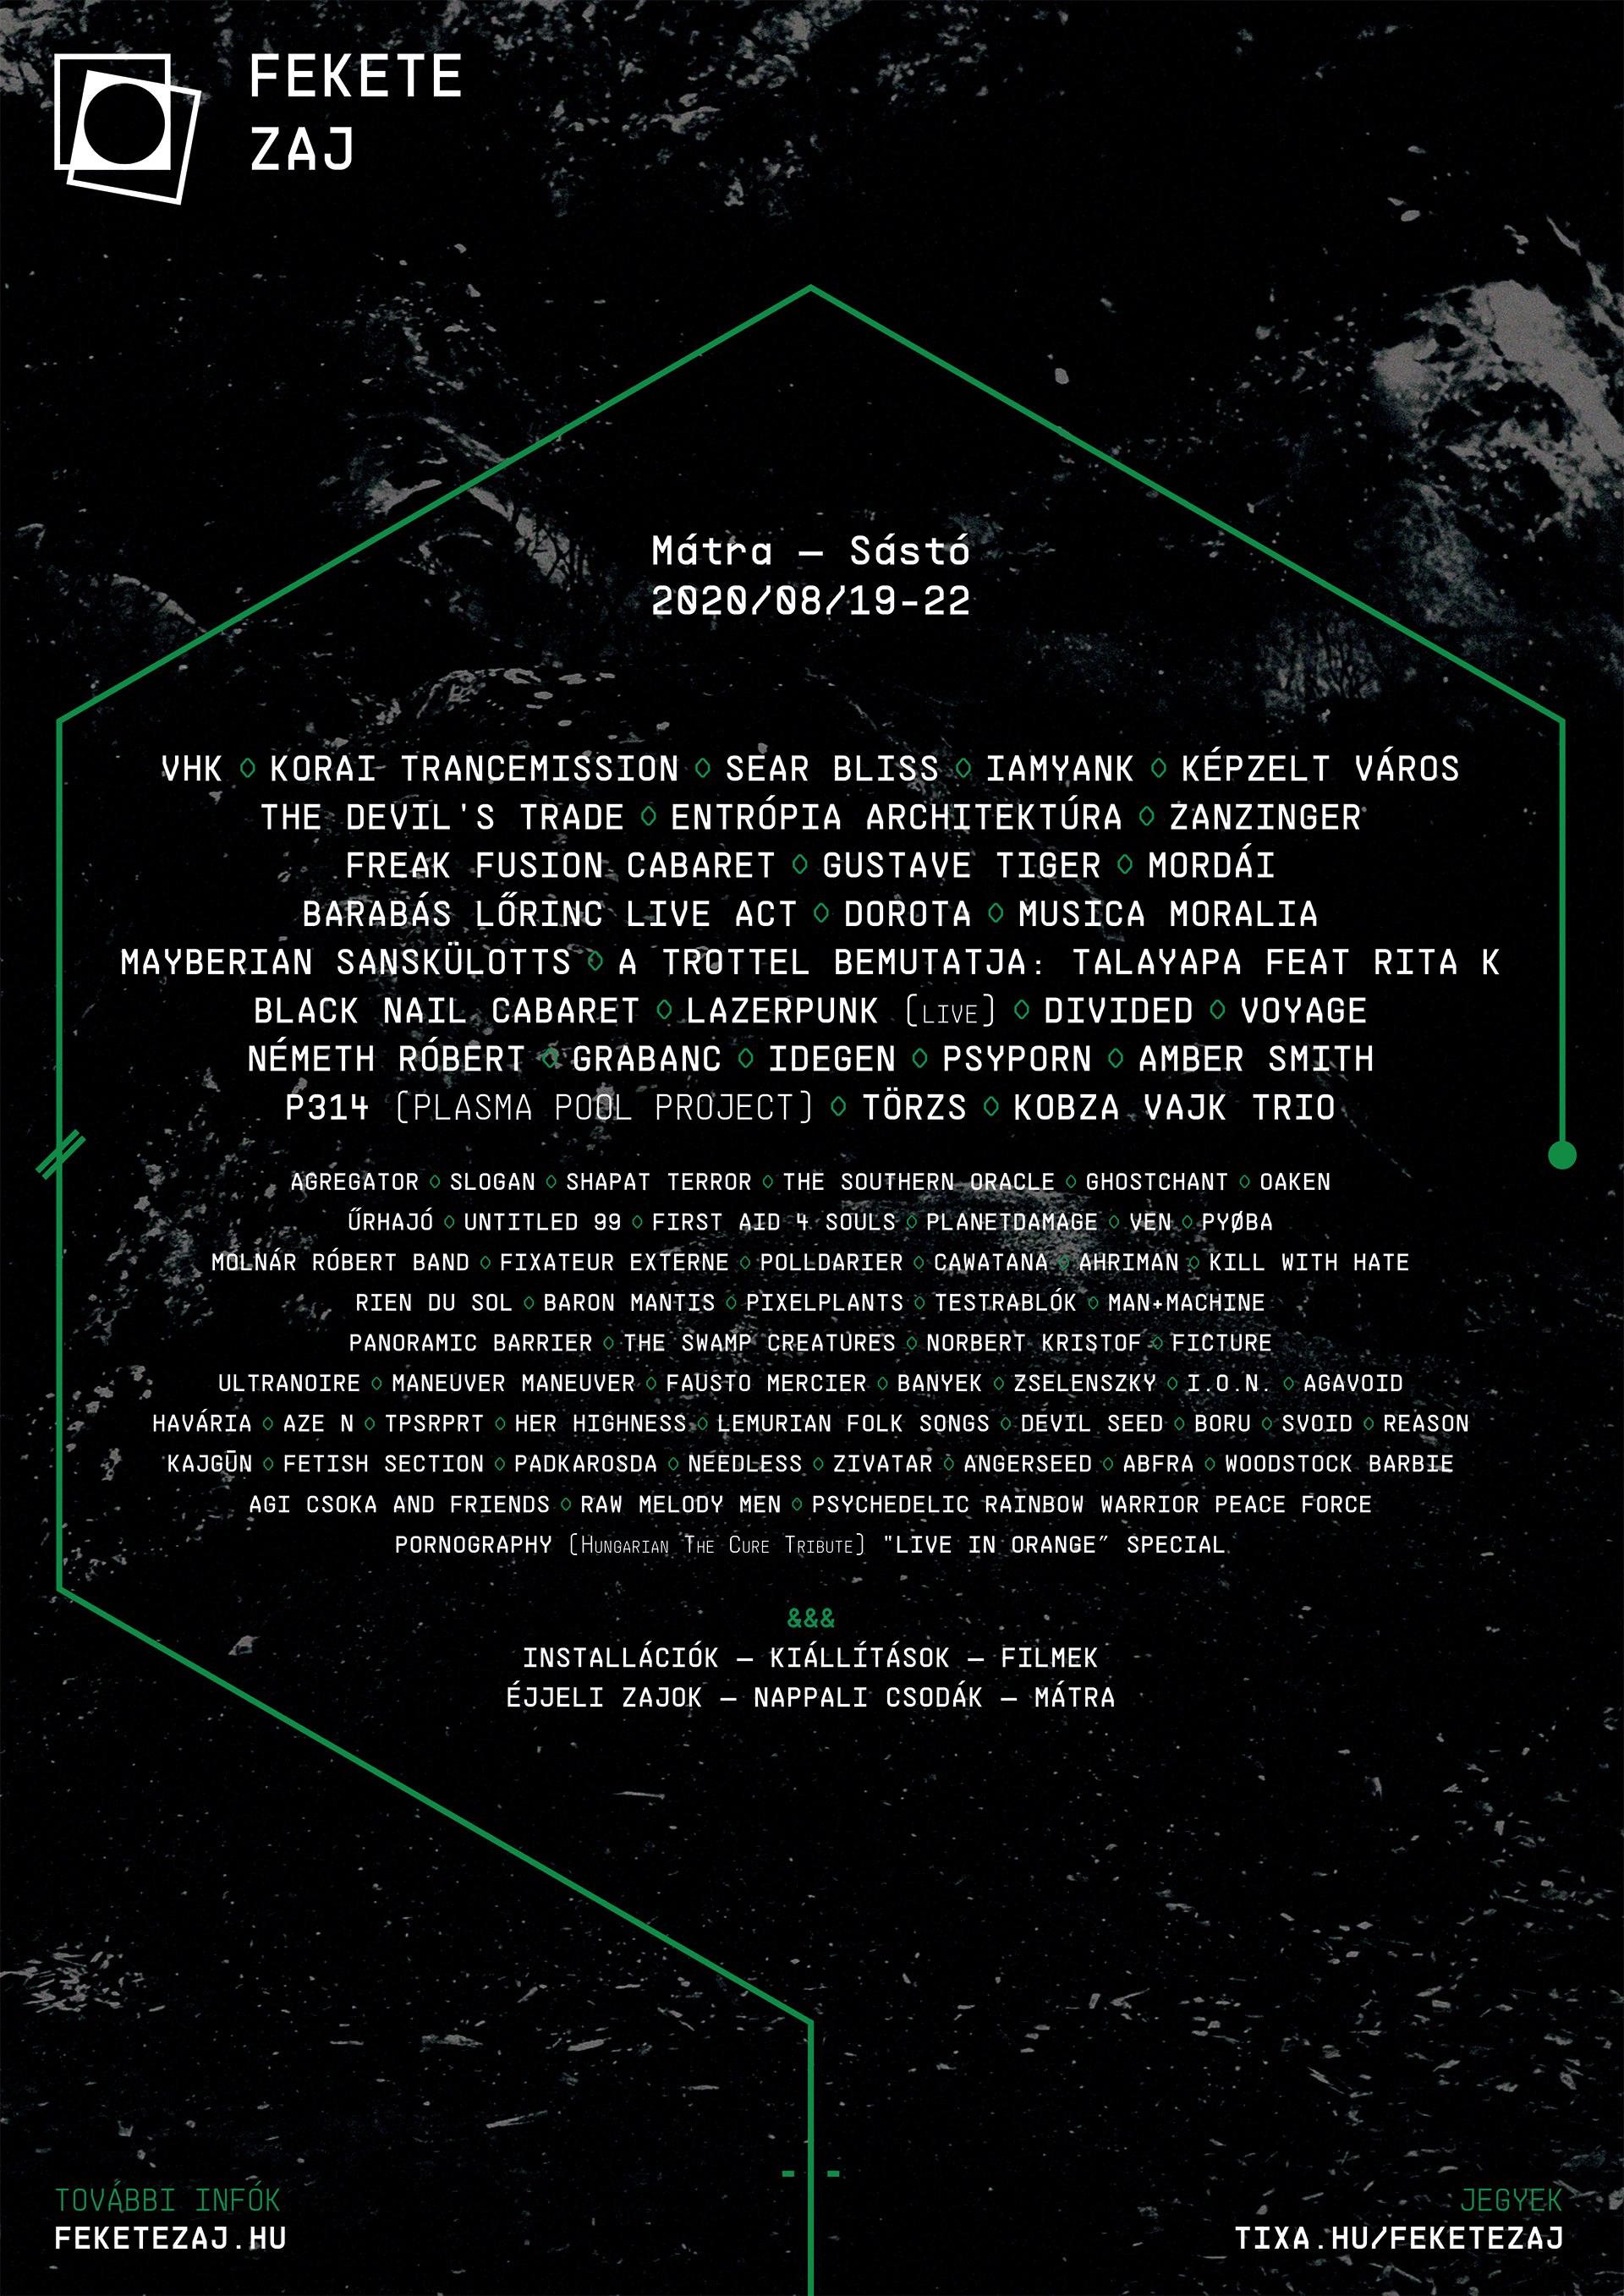 zaj-plakat-lineup.jpg